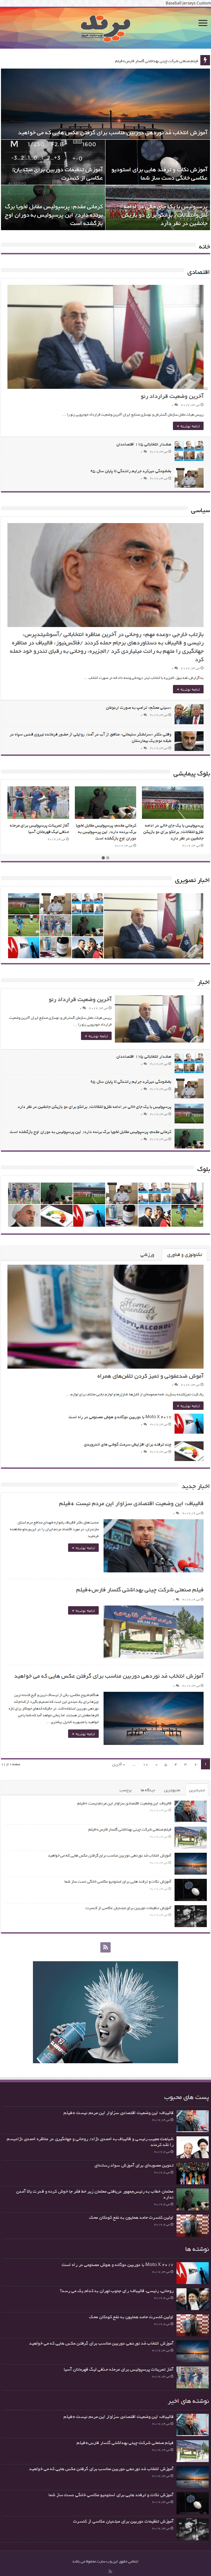 حالت تبلت سایت خبری پرند